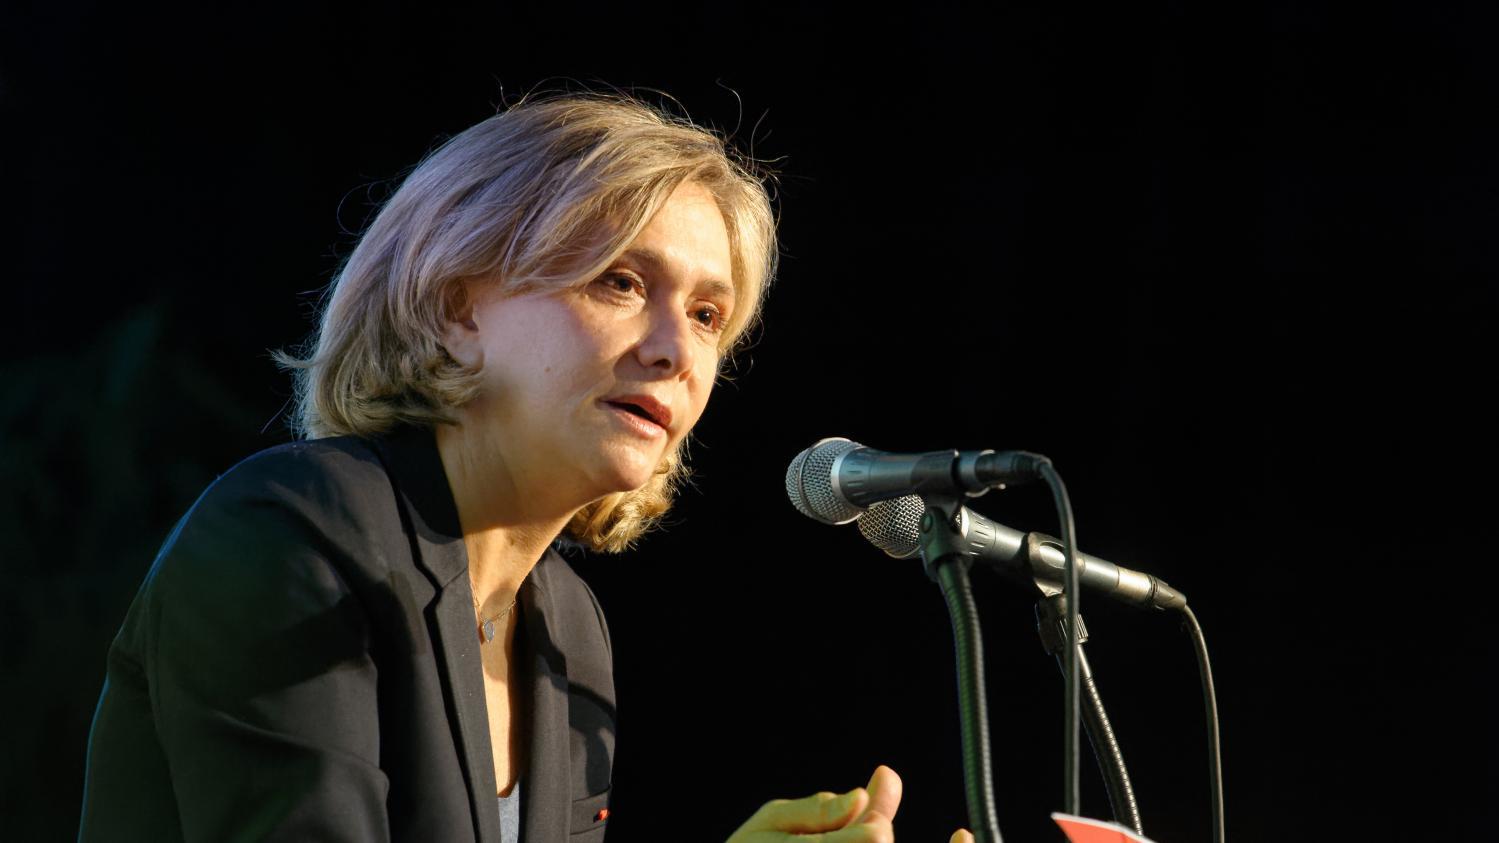 Coronavirus : Valérie Pécresse veut des masques pour les agents de la RATP et la SNCF